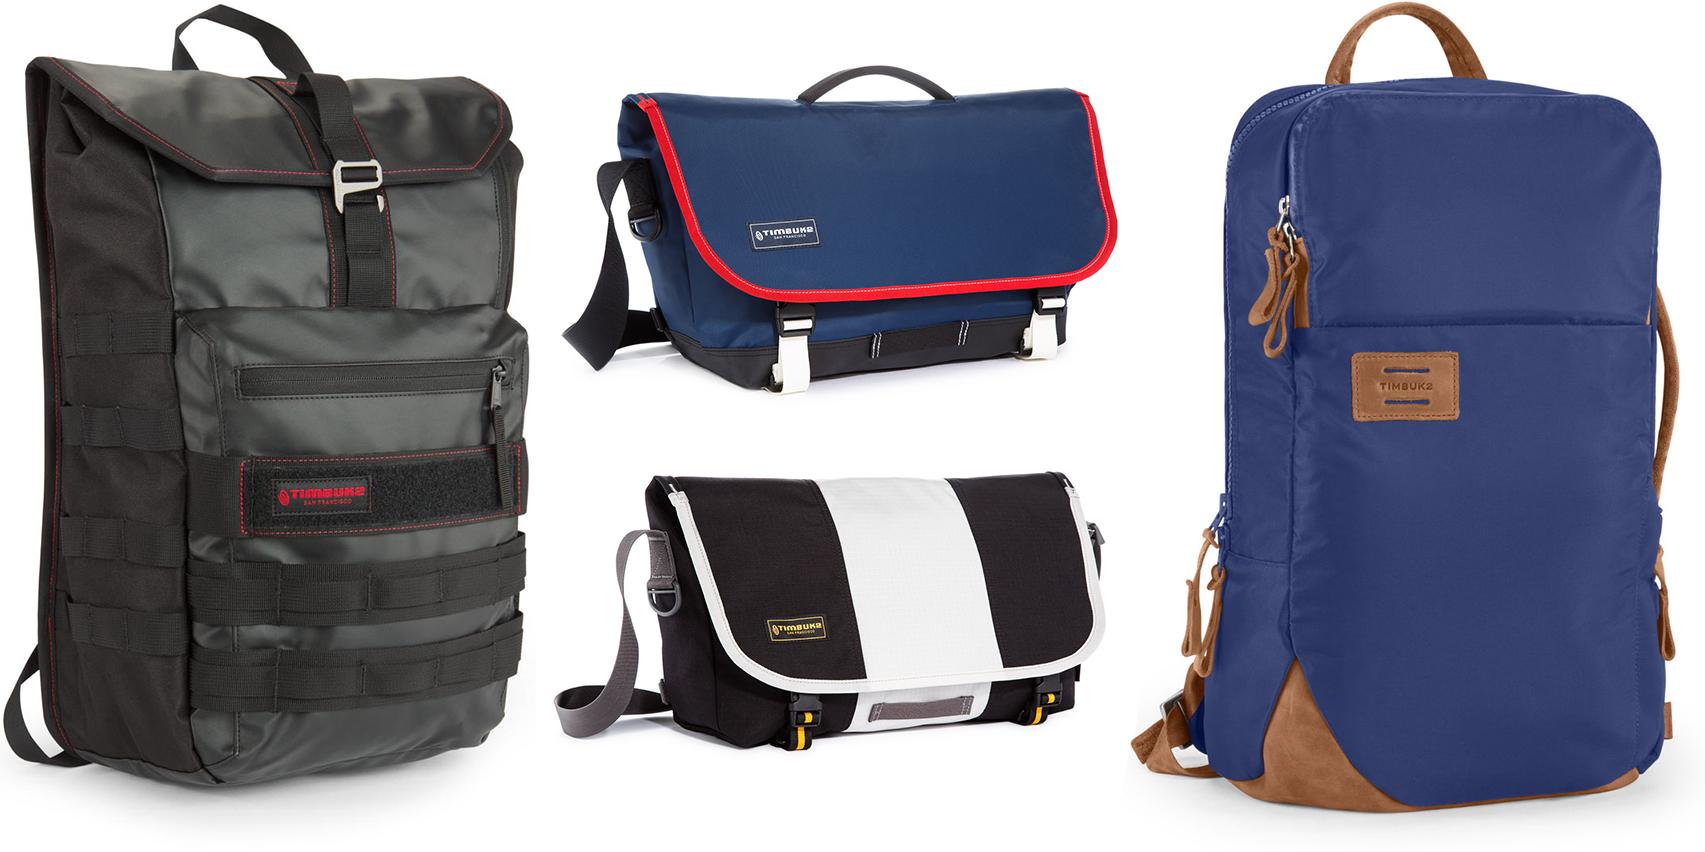 timbuk2-flash-sale-bags